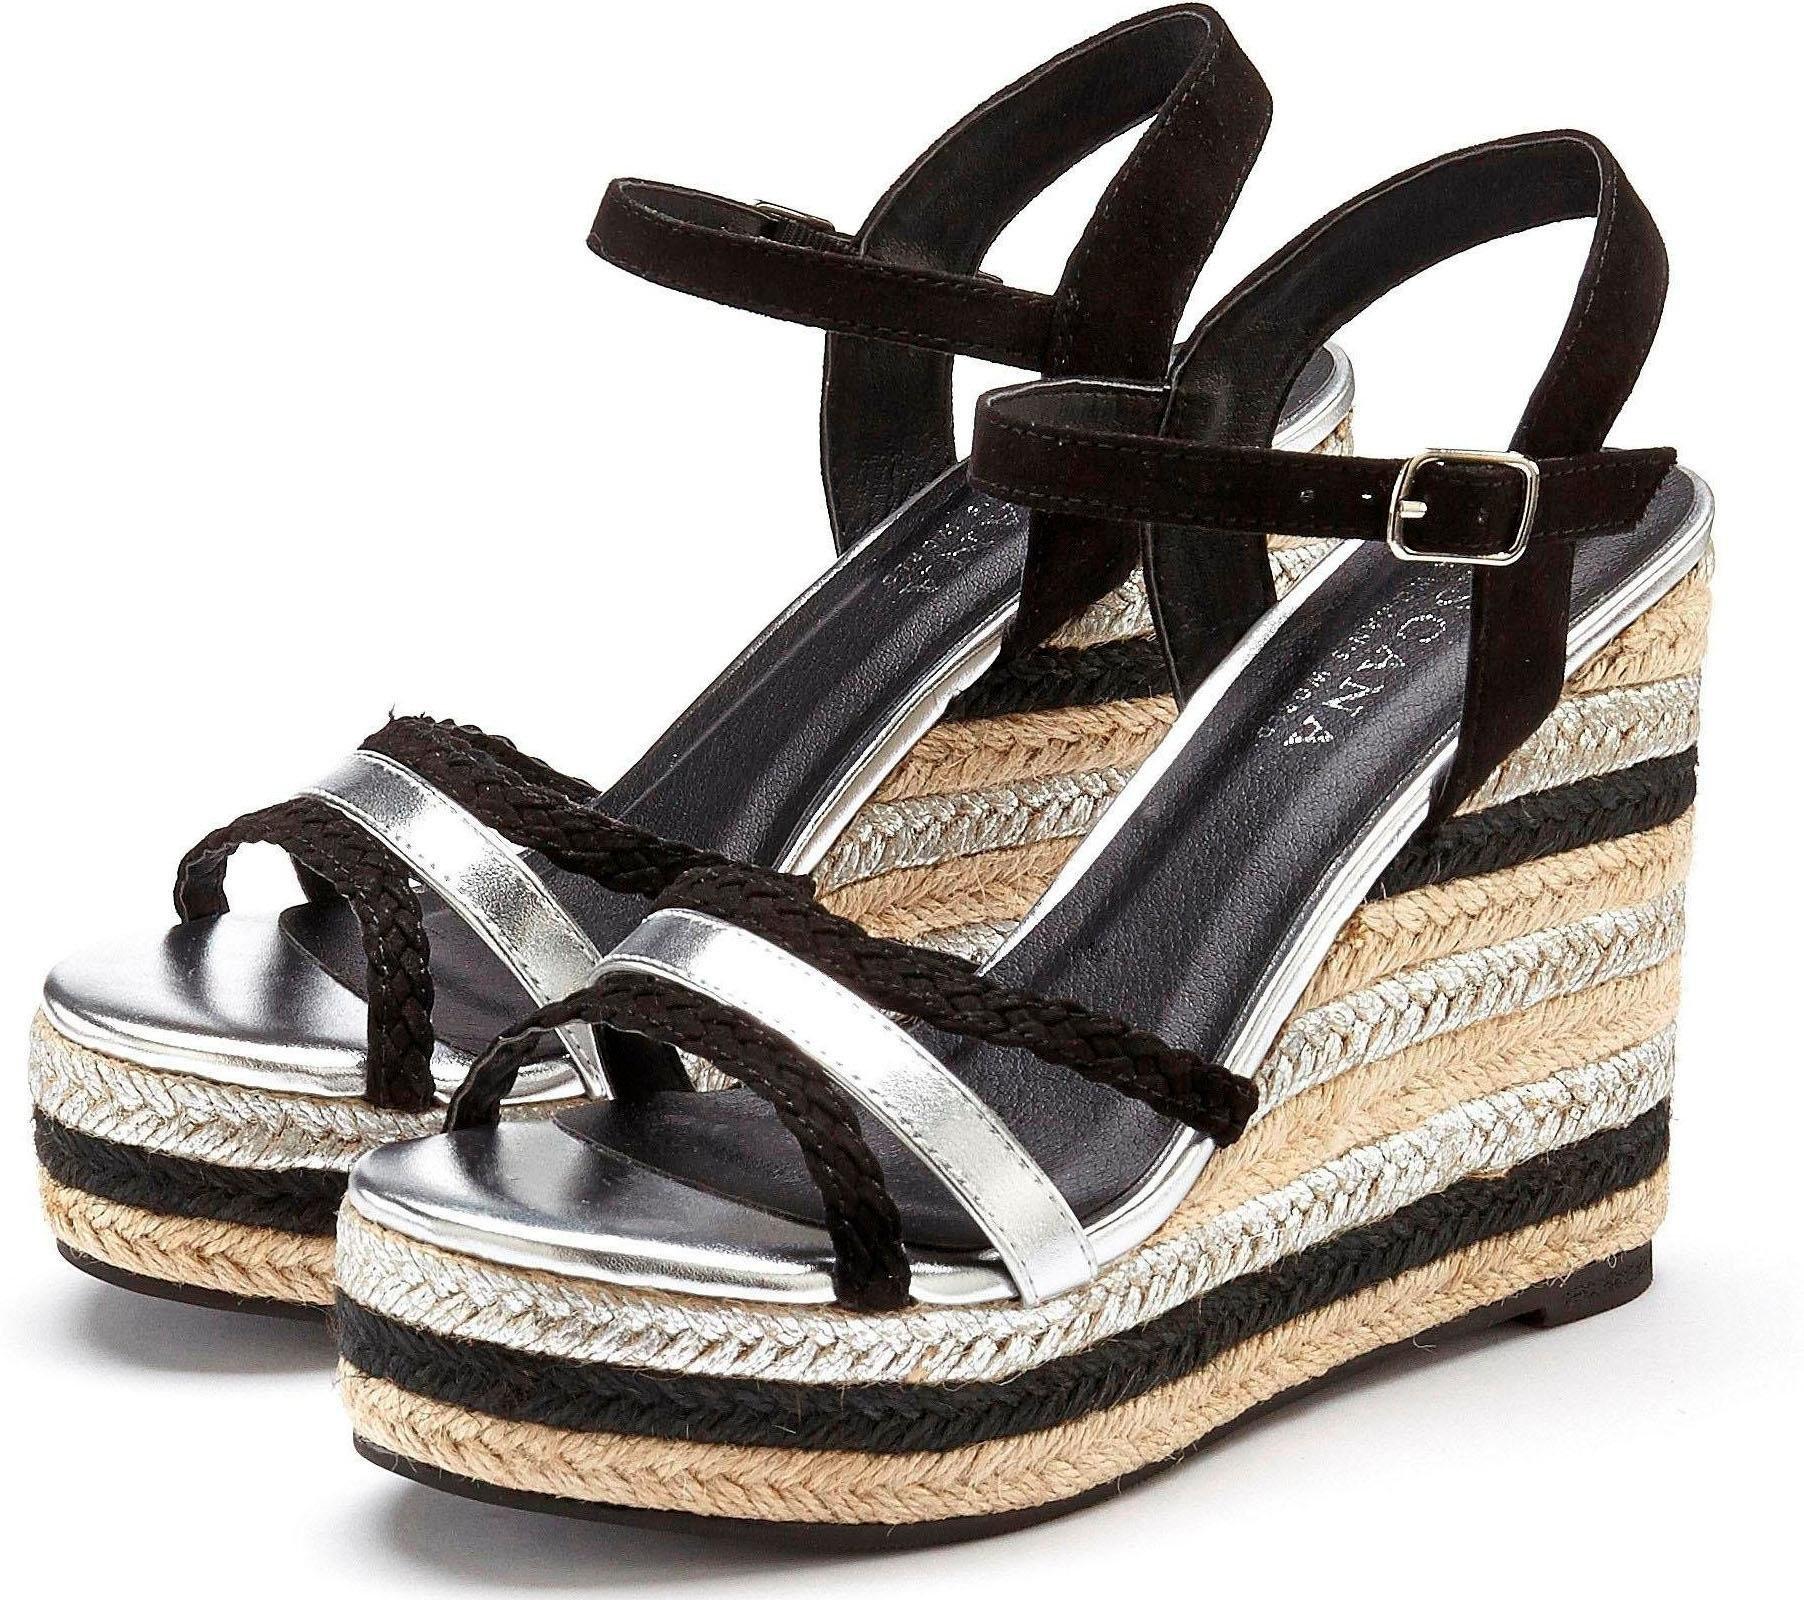 LASCANA sandaaltjes met sleehak bestellen: 14 dagen bedenktijd